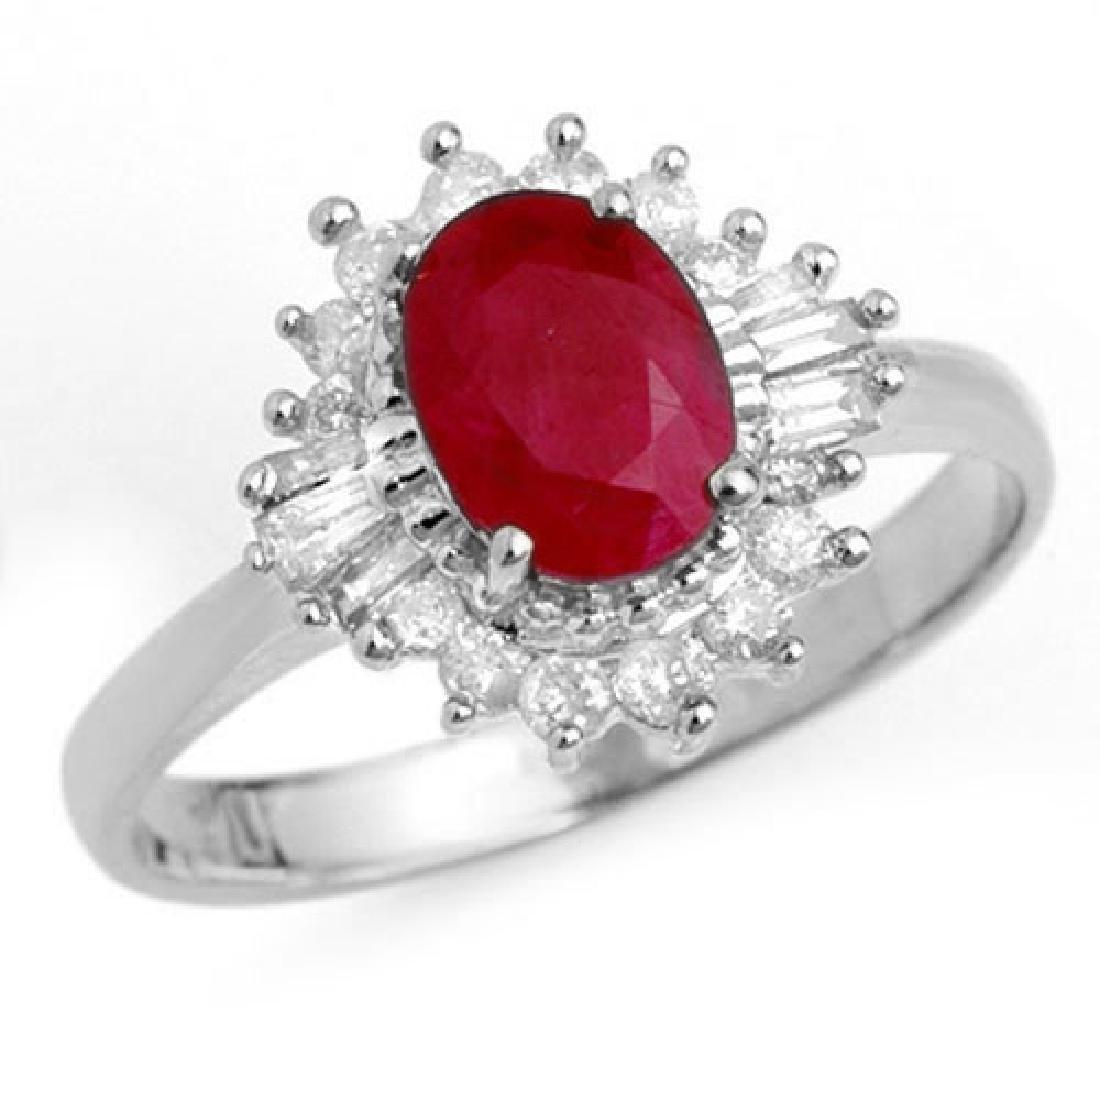 1.55 CTW Ruby & Diamond Ring 18K White Gold - REF-47R8K